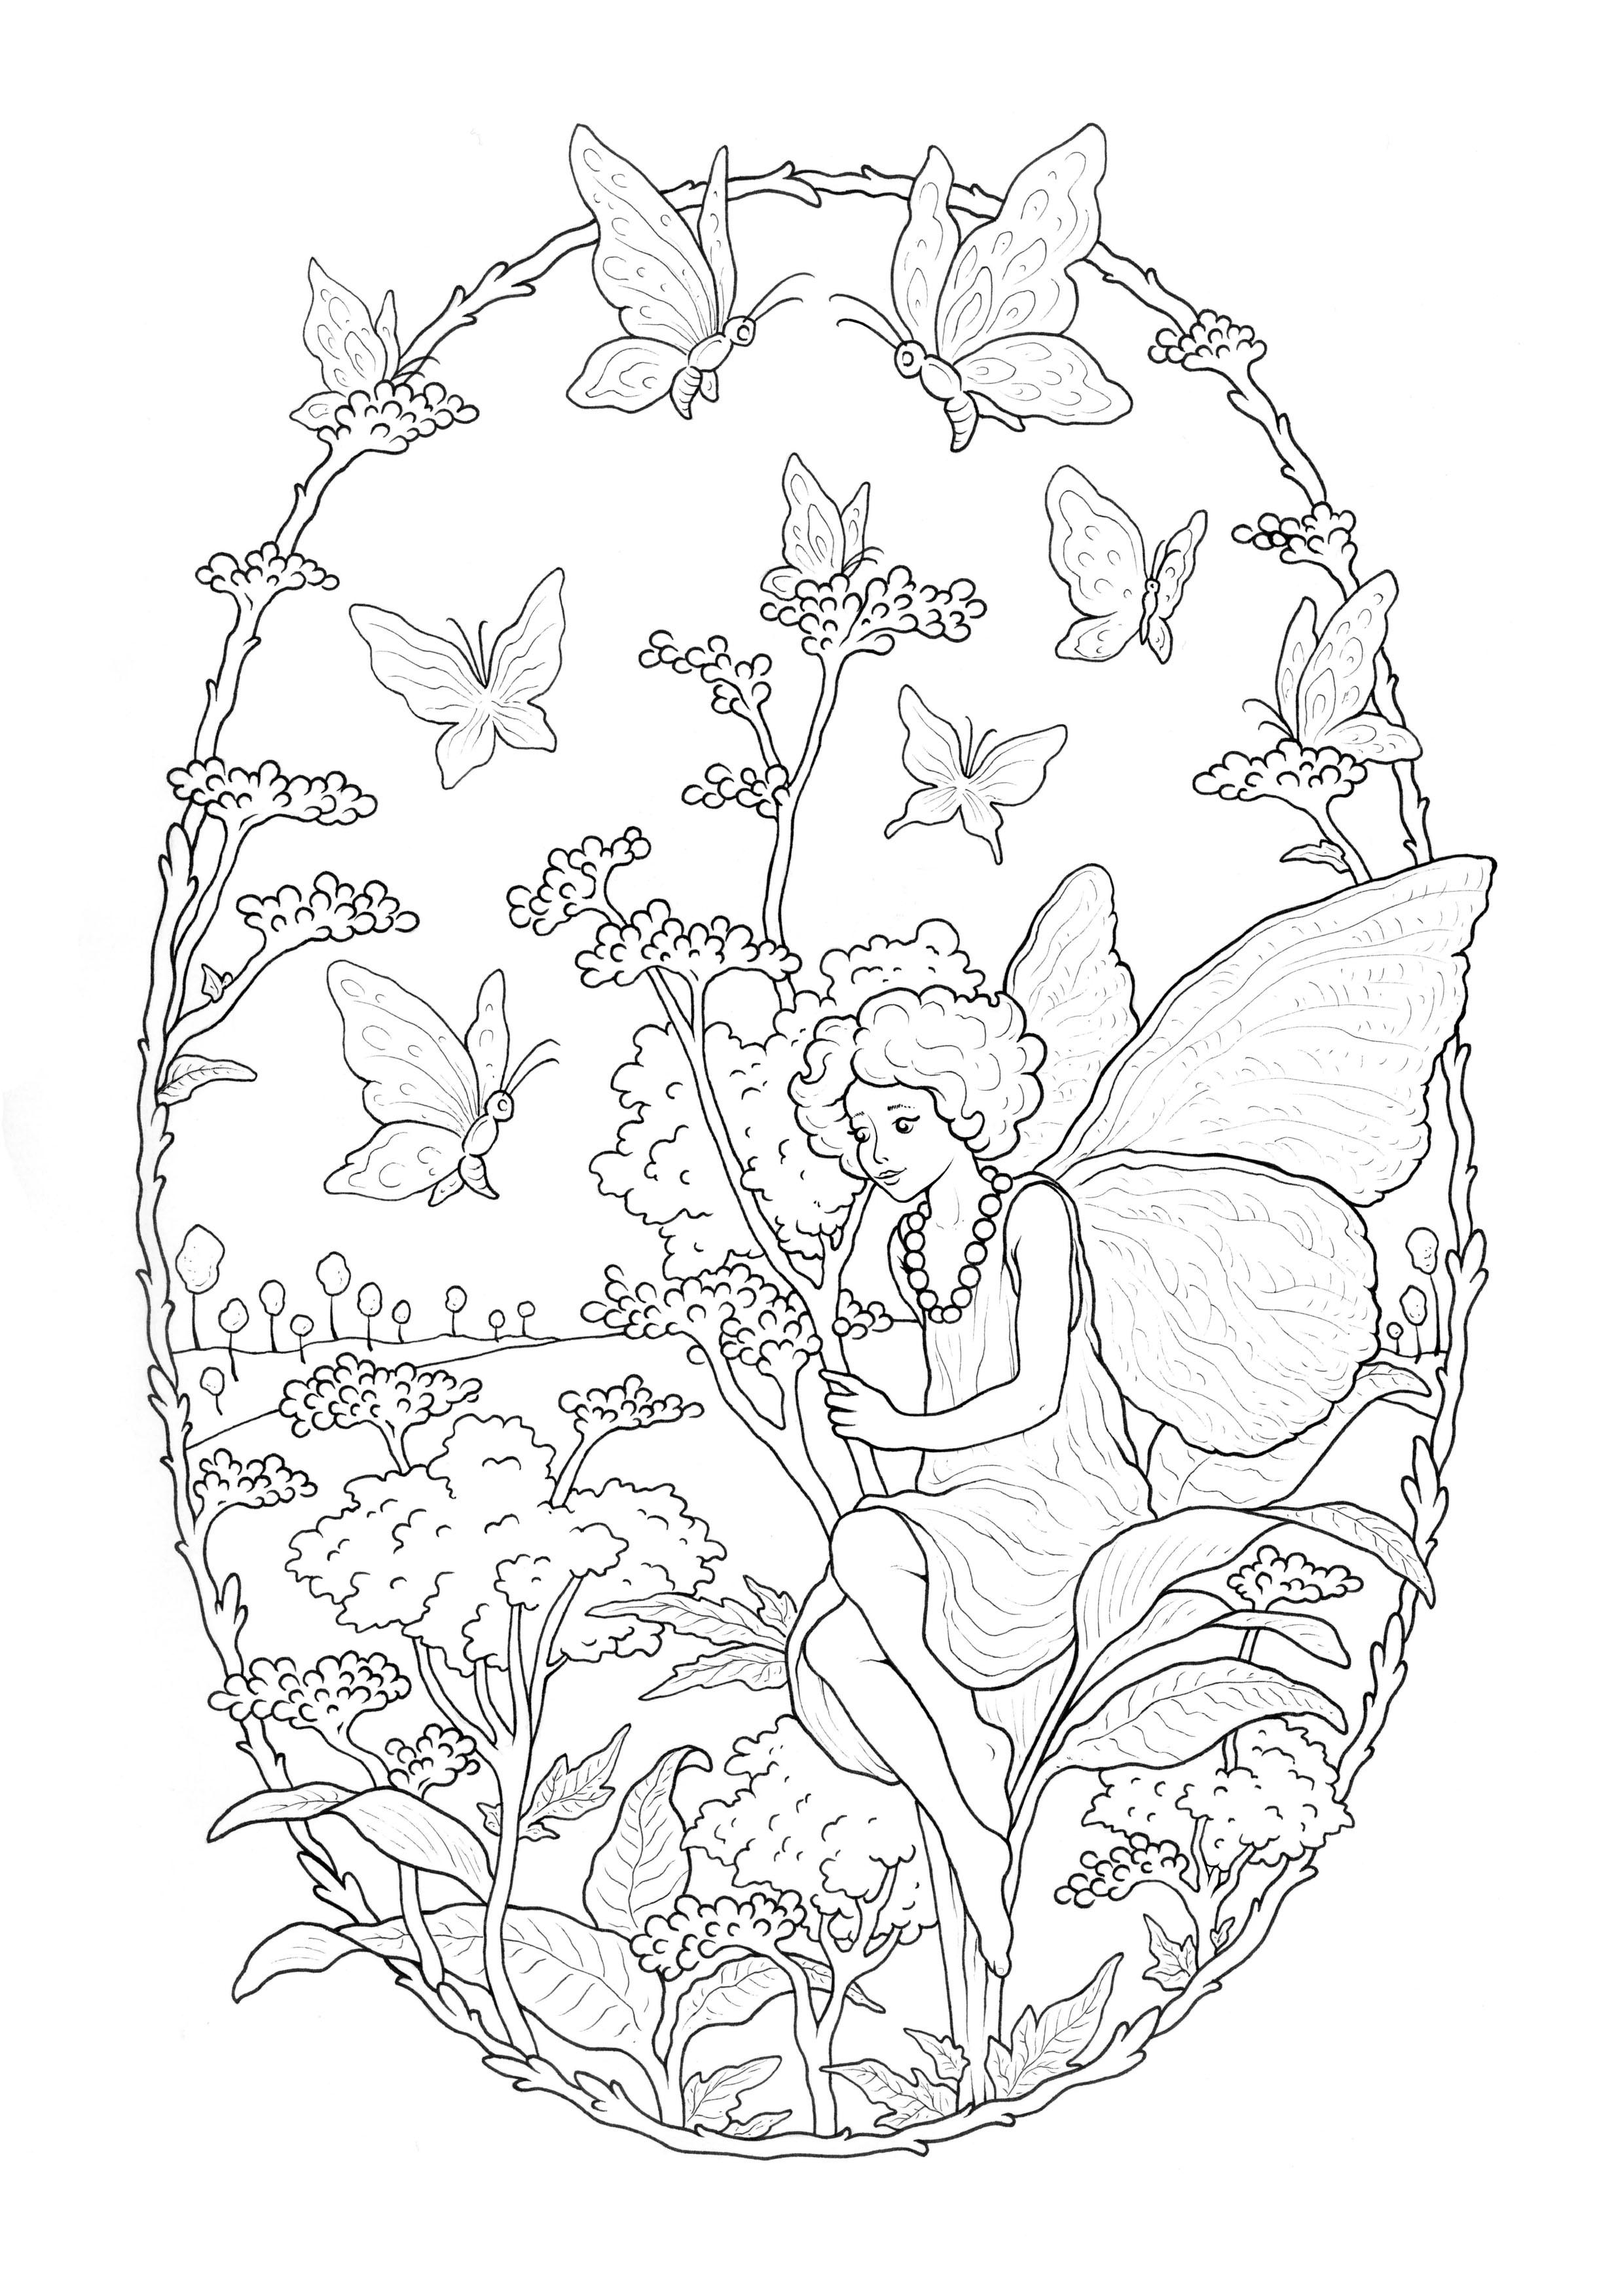 Fée aux papillons, par Konstantinos Liaramantzas